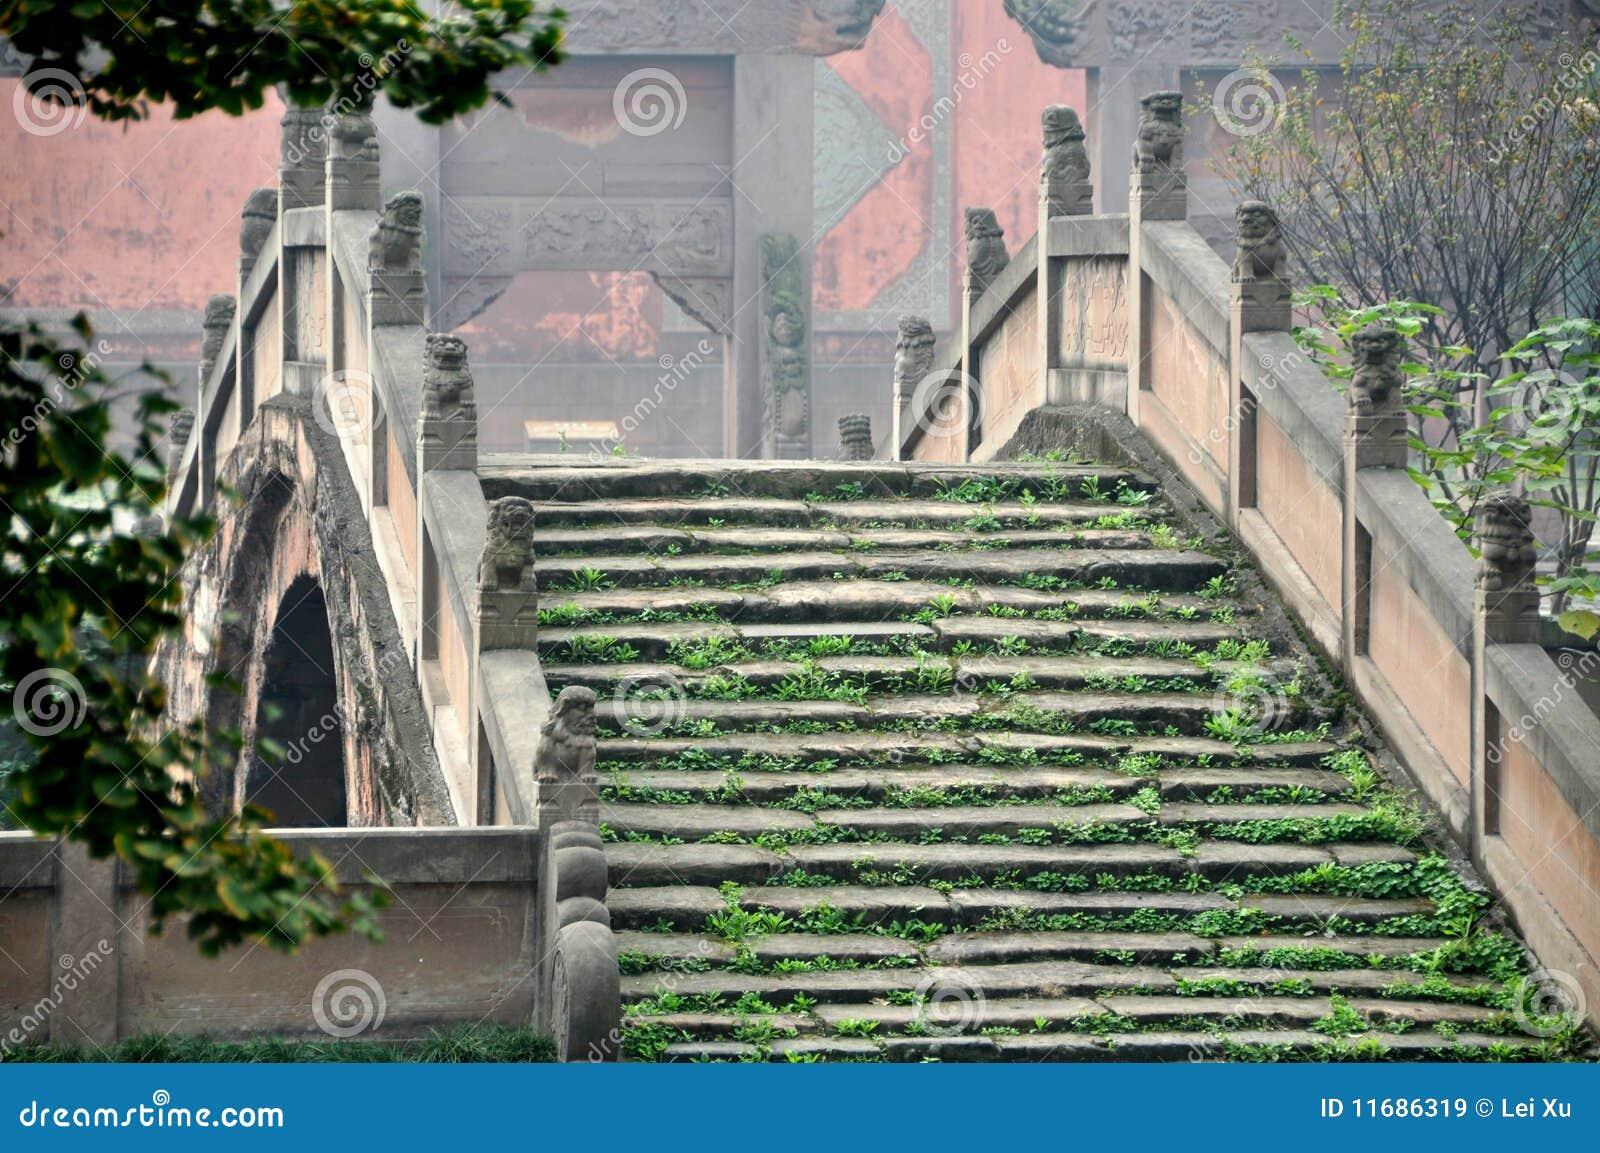 Deyang China  city photos : Deyang, China: Pan Bridge At Confucian Temple Royalty Free Stock ...